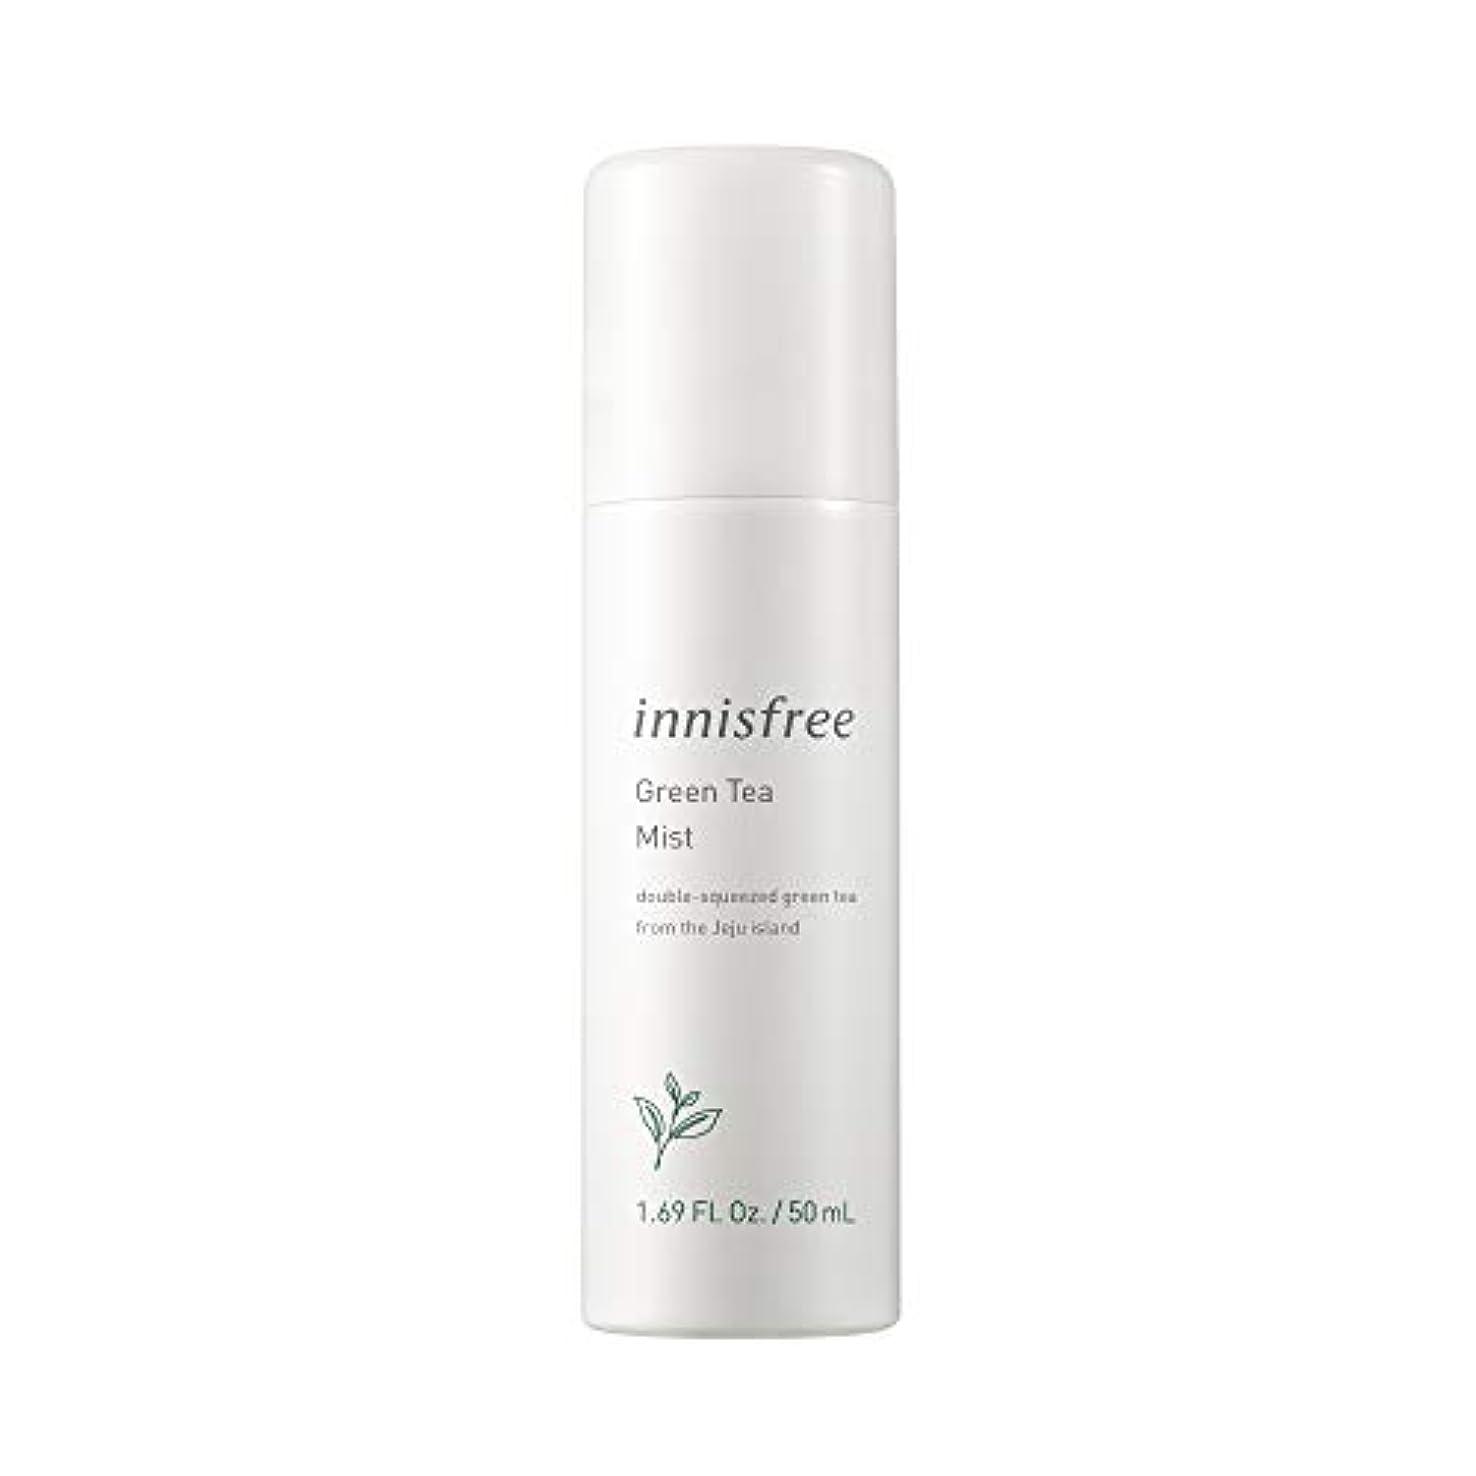 欠席タンパク質はねかけるイニスフリー日本公式(innisfree)グリーンティー ミスト[化粧水]150mL